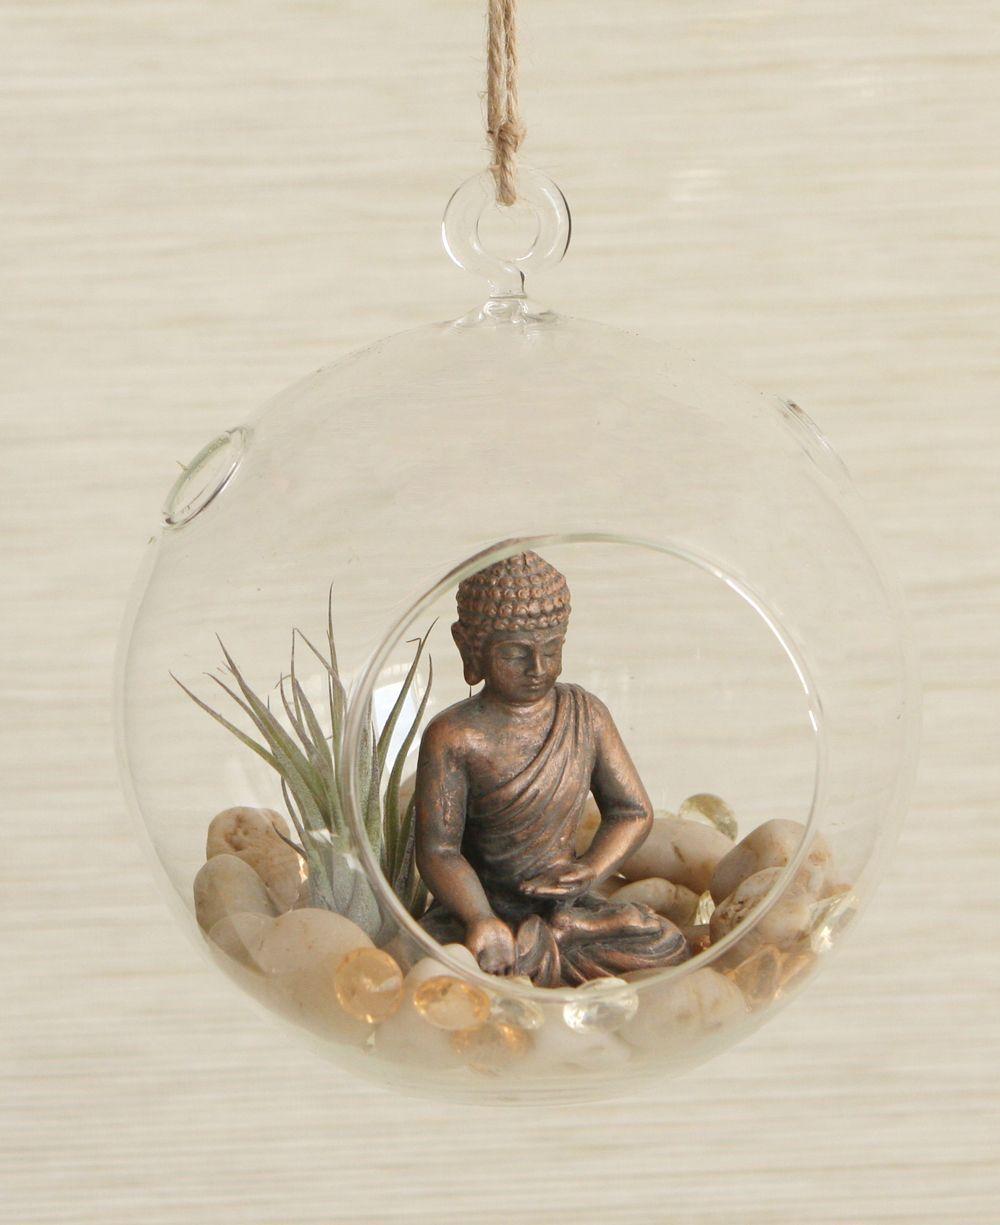 65 Philosophic Zen Garden Designs: Sparkling Buddha Globe Terrarium